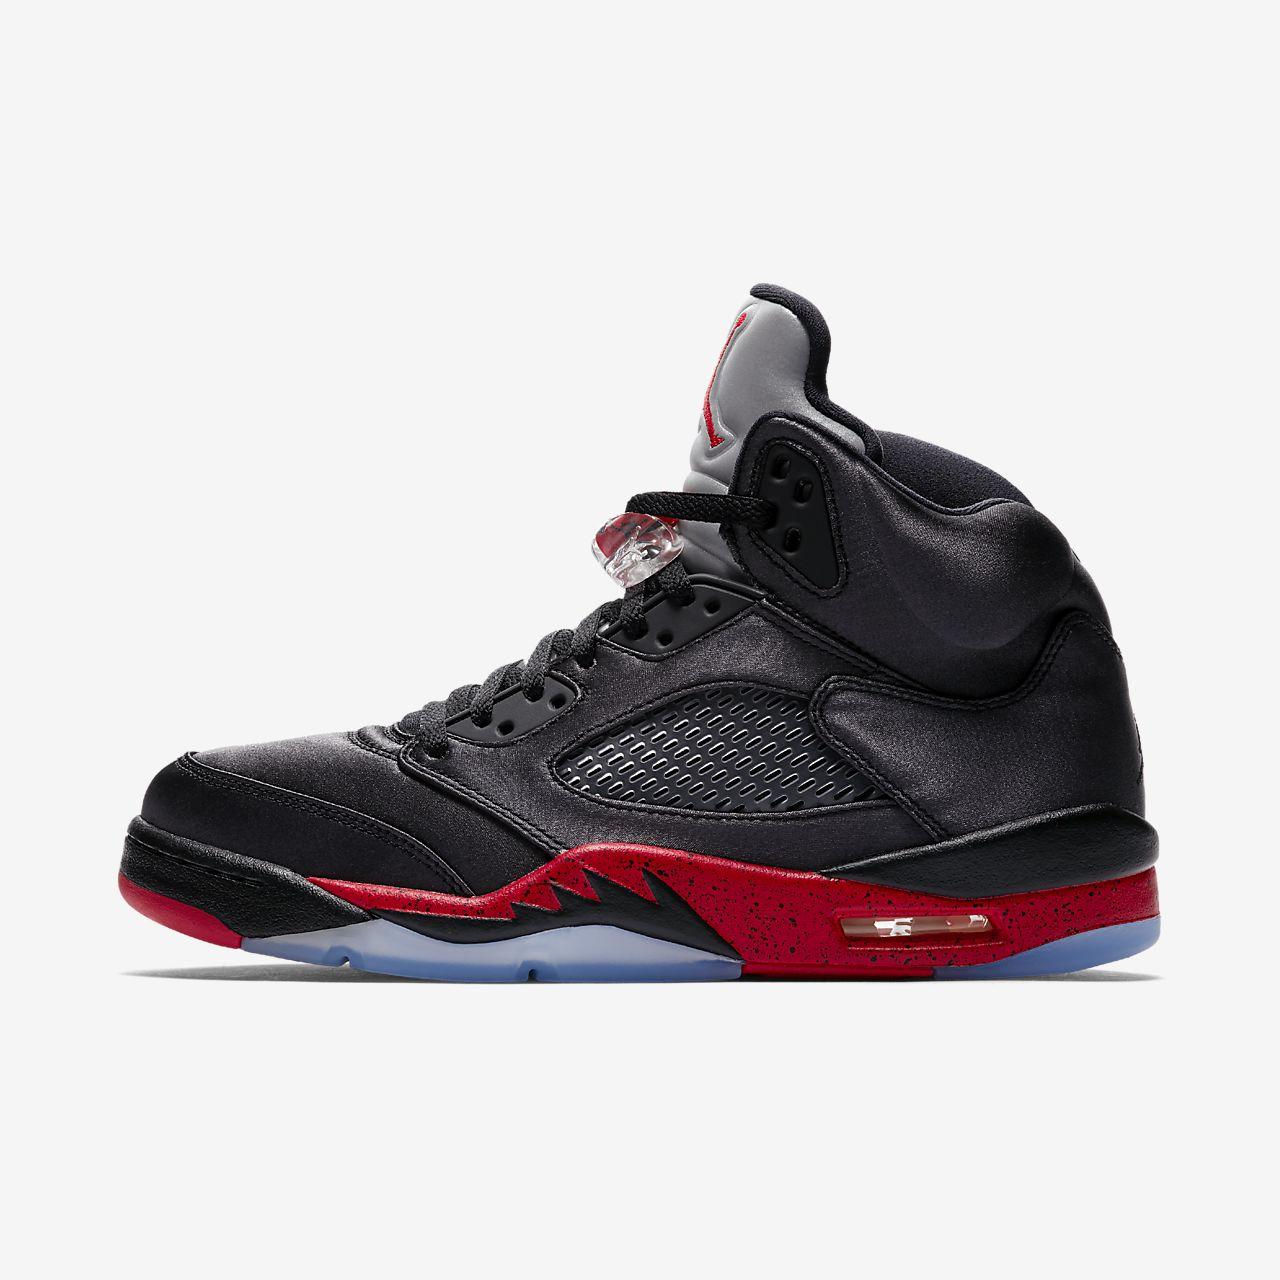 54e3214d6d ... 50% off chaussure air jordan 5 retro pour homme f9c50 c8ca4